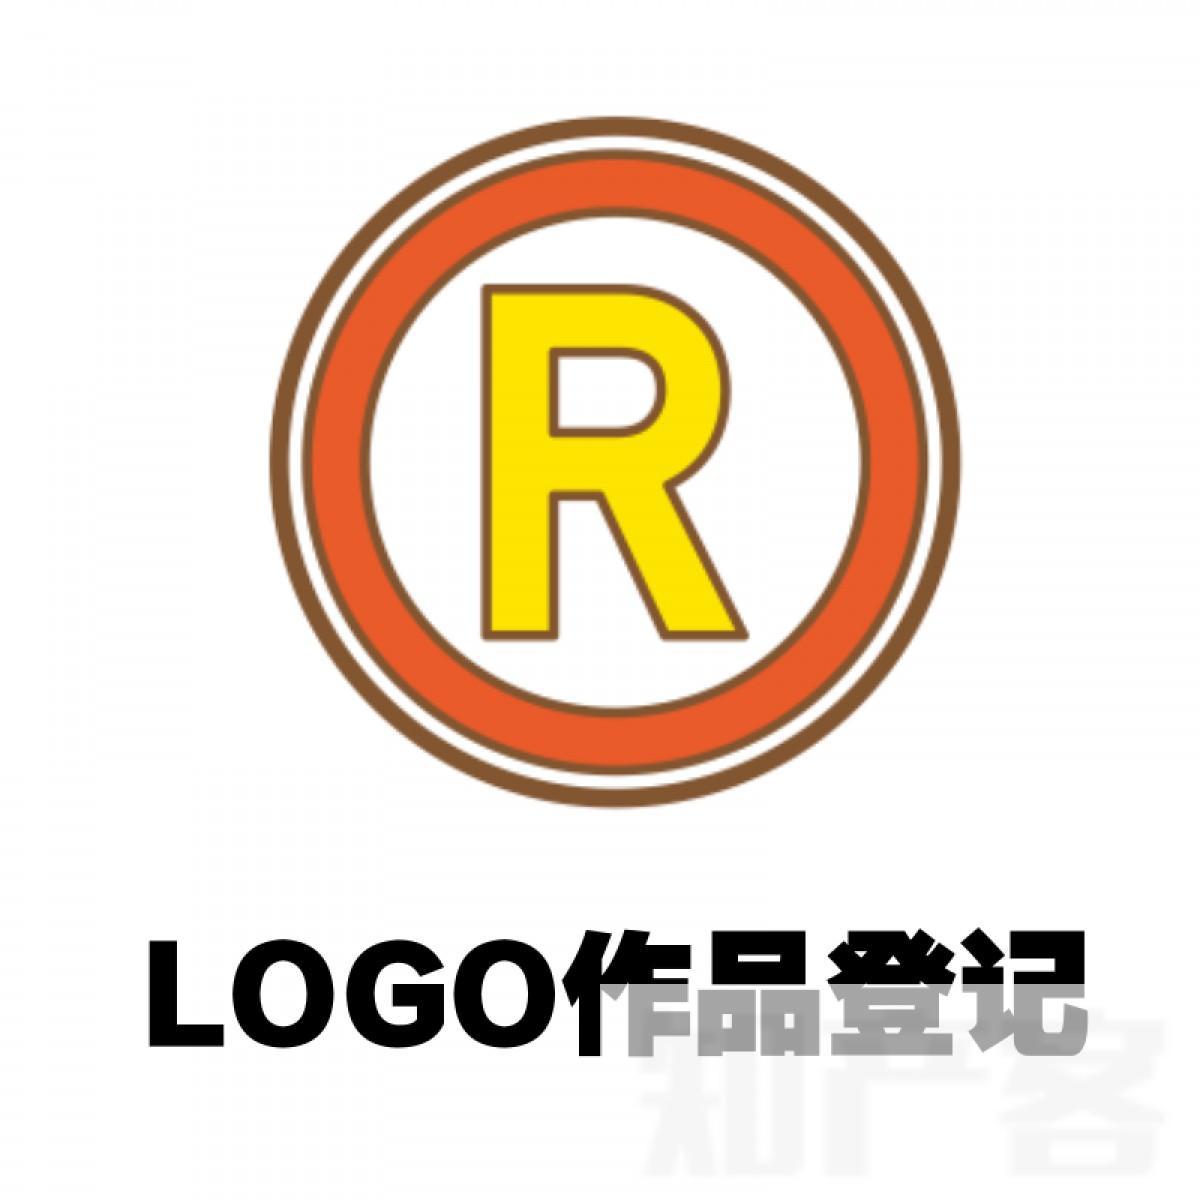 LOGO作品登记_登记LOGO作品